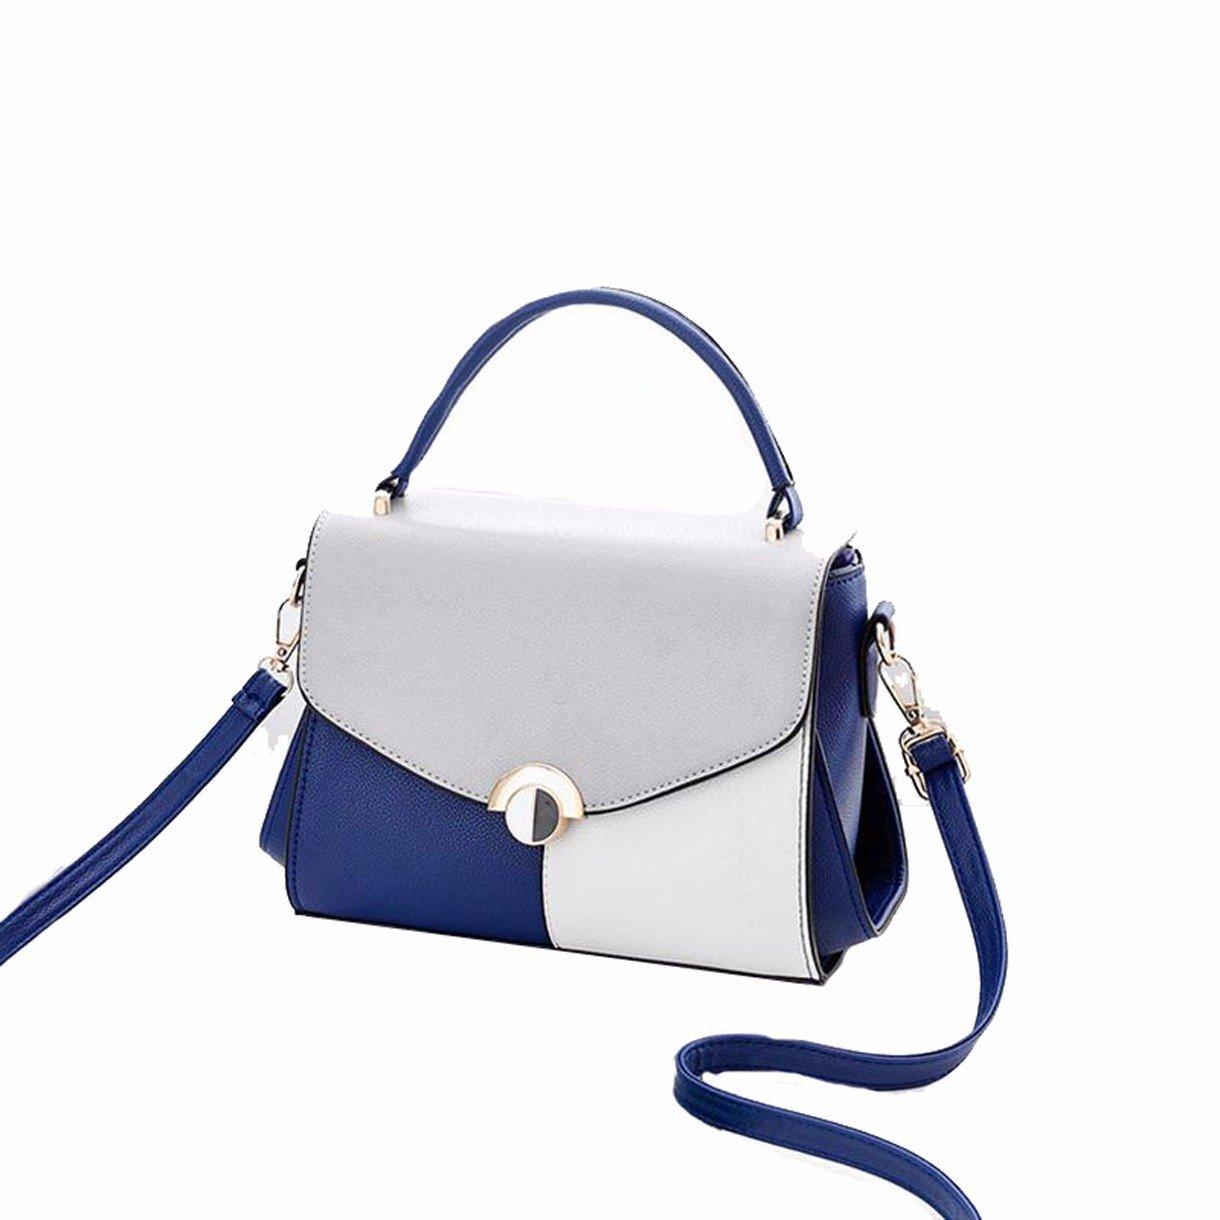 GTVERNH-der Frauen/Mode Handtasche/All-Match/Meine Tasche Mode Wilde Tasche ranzen Schulter Handtasche.